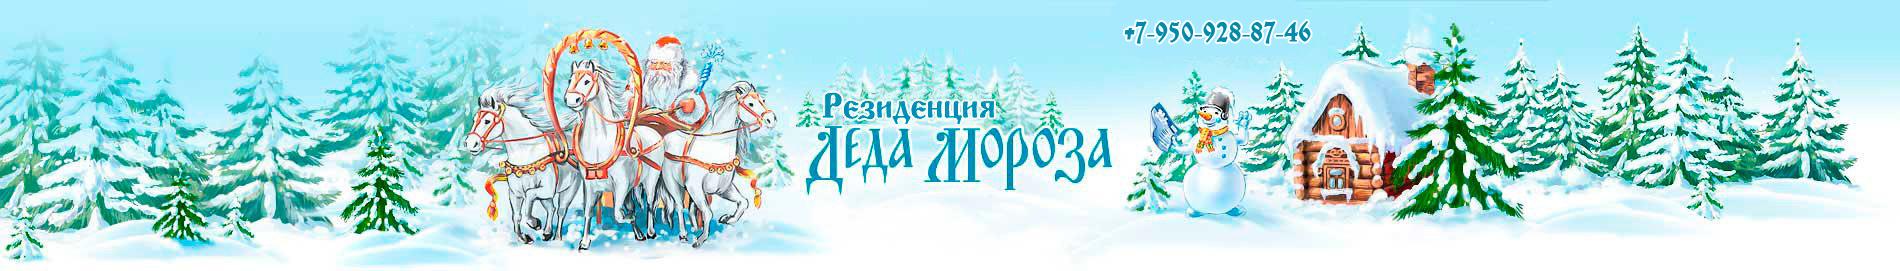 Резиденция Деда Мороза в Туле